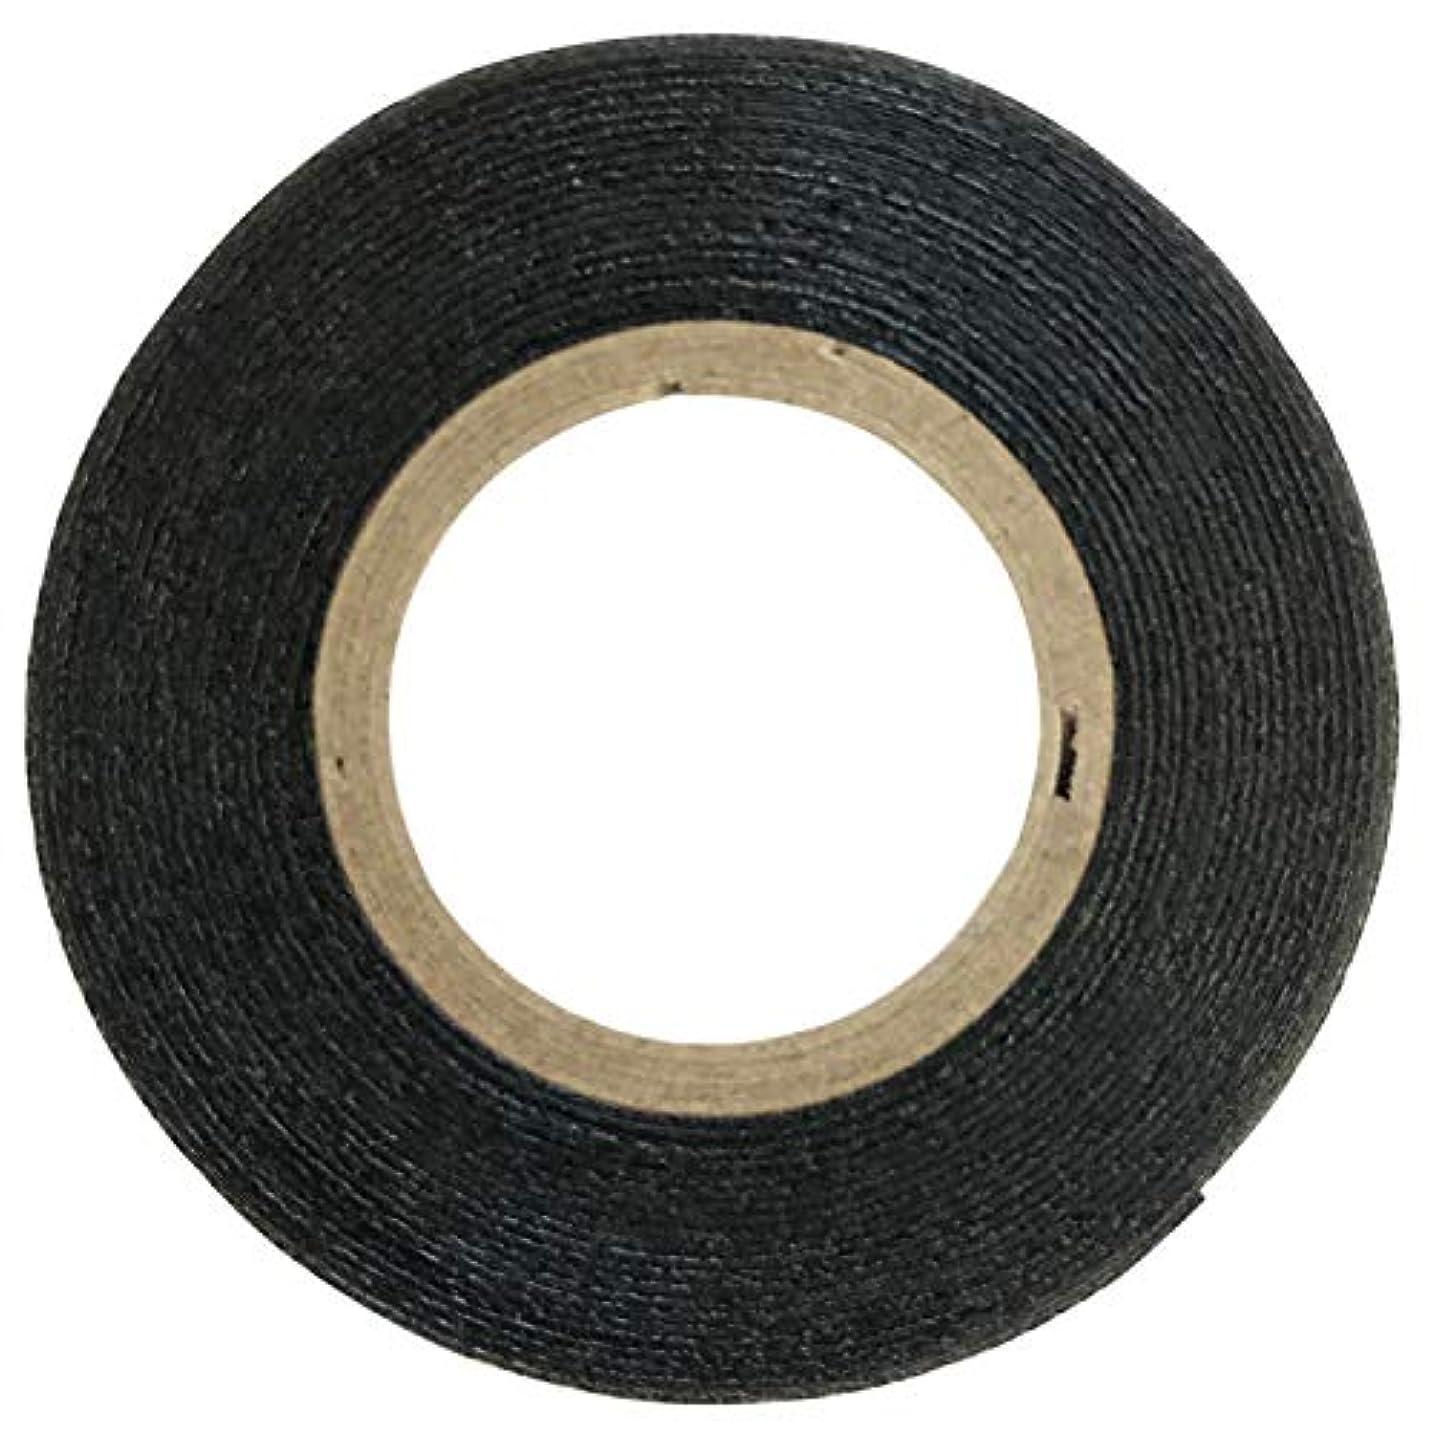 究極のオプショナル不屈SOYO TYRE(ソーヨータイヤ) チューブラーテープ [16mm幅×2.5m巻] チューブラータイヤ装着用テープ 108120